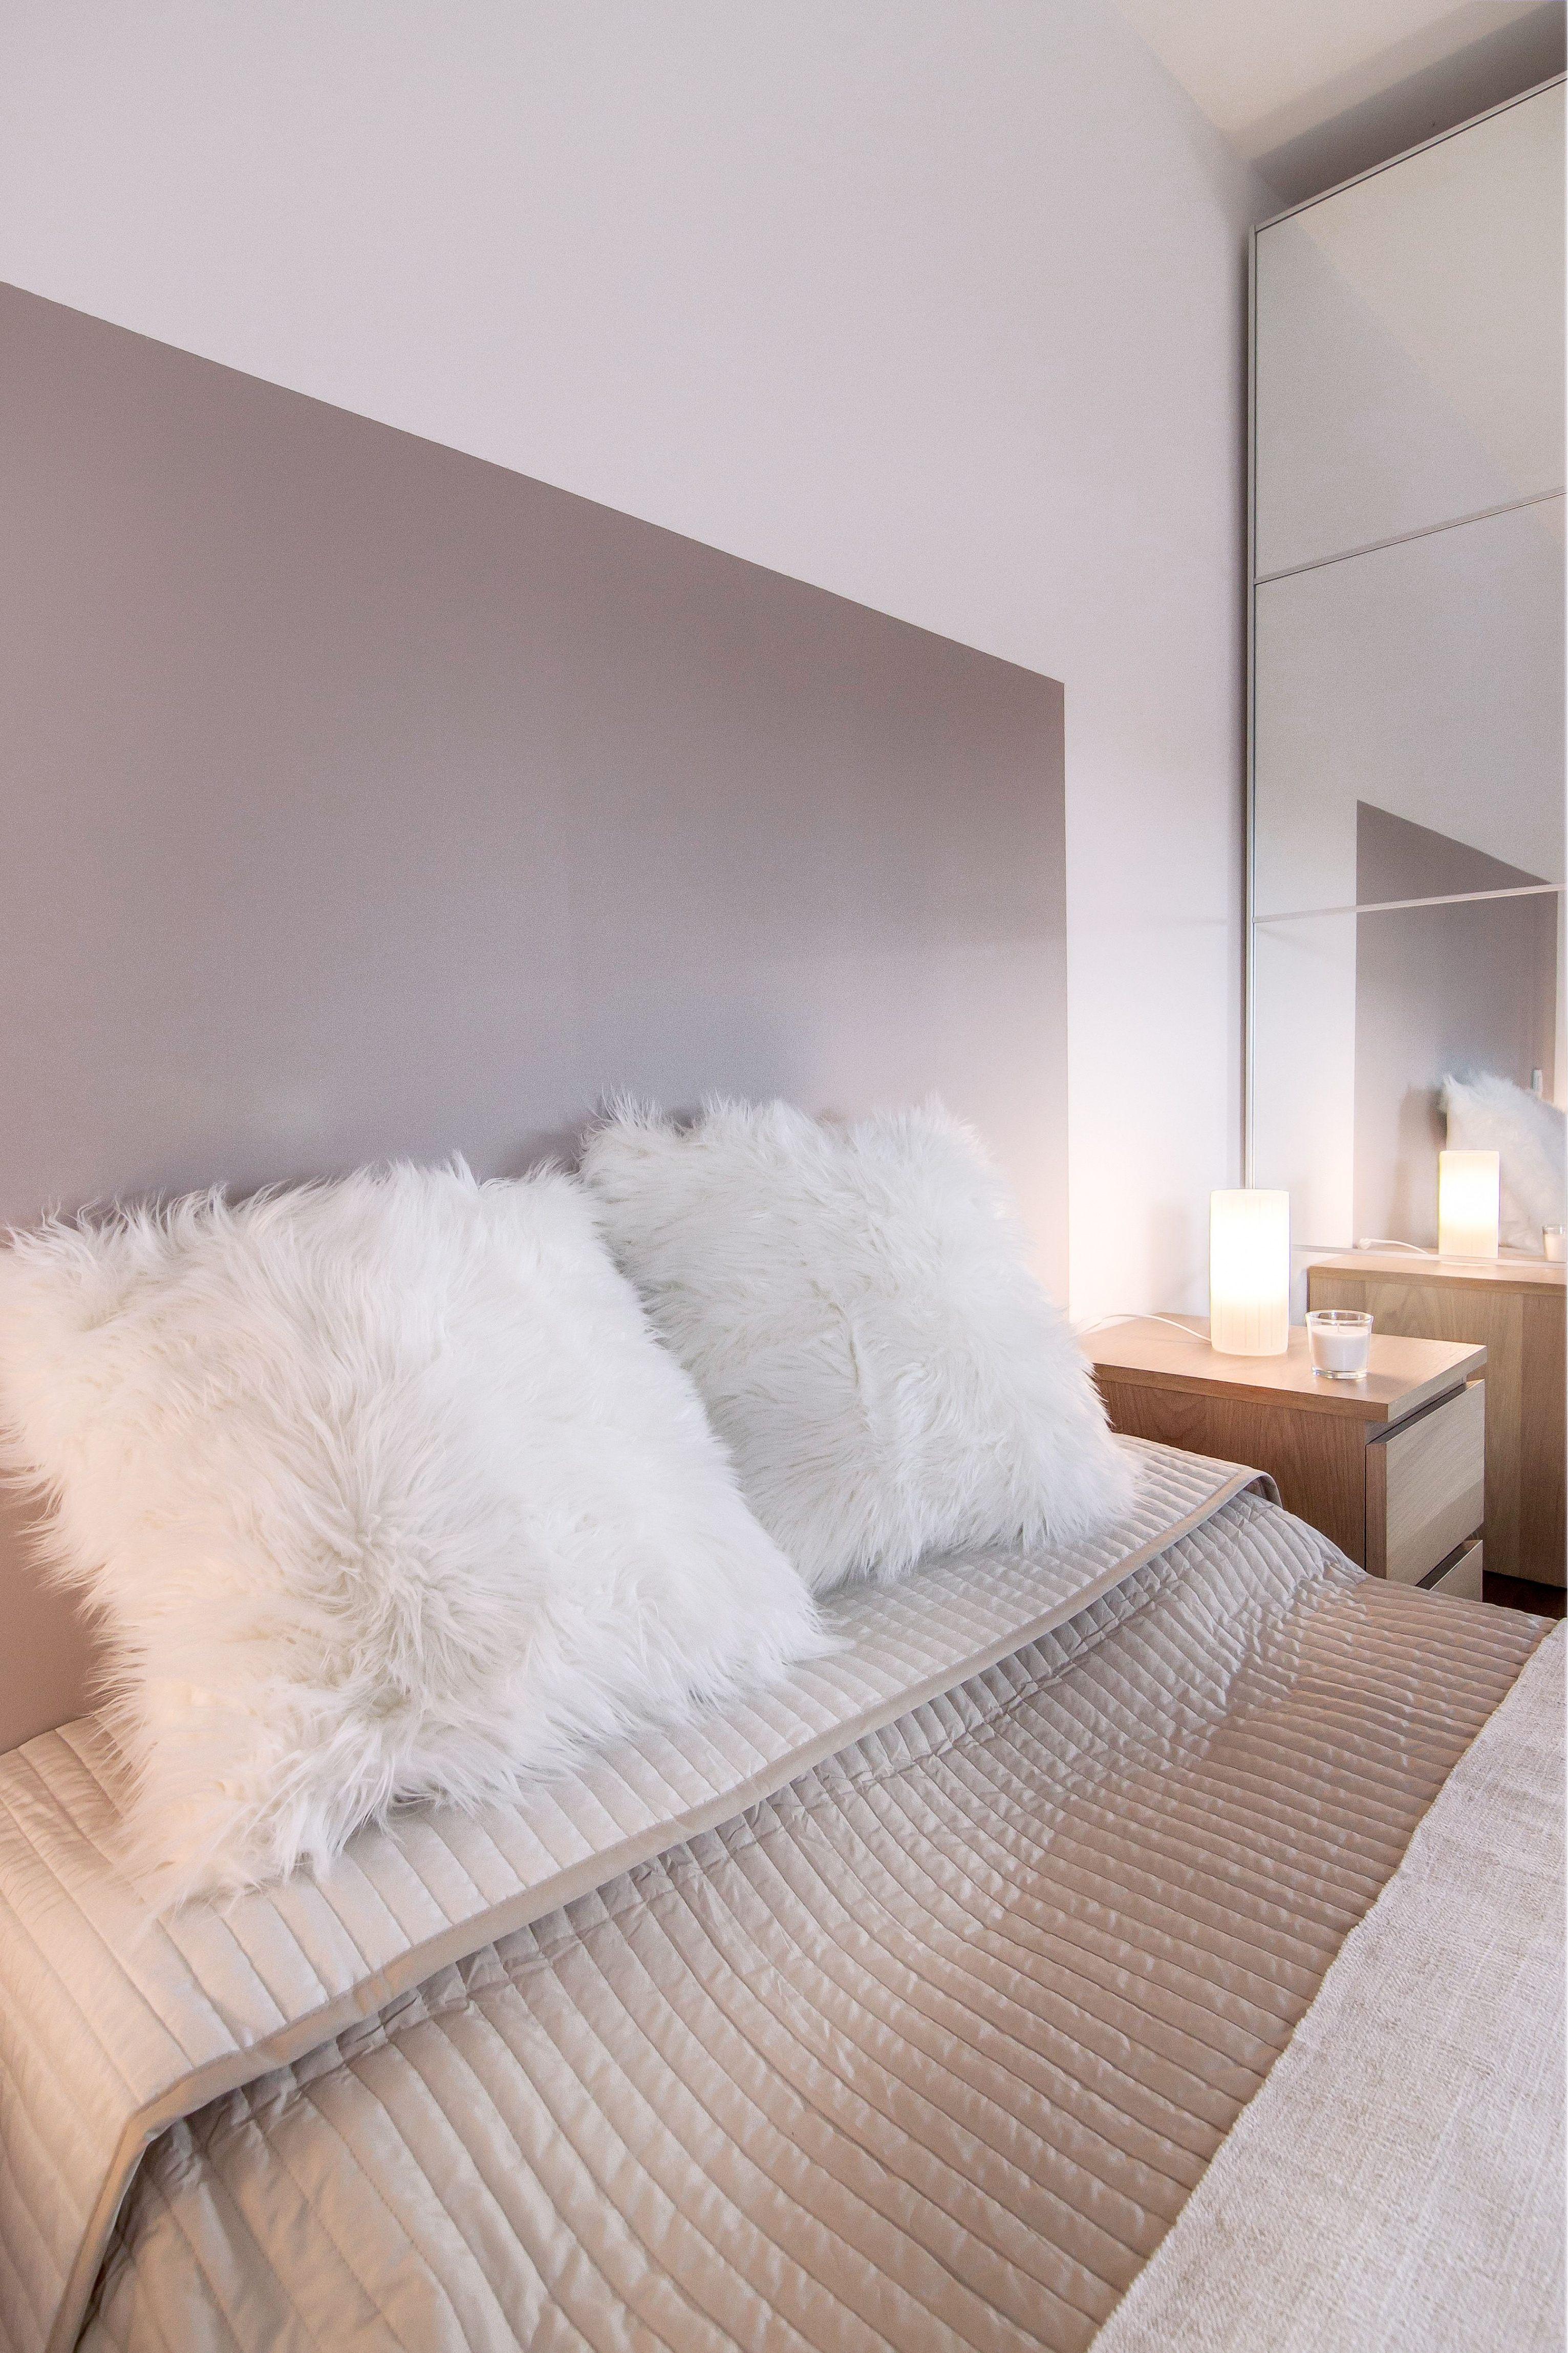 Grande Tete De Lit Meilleur De Chambre Decoration Taupe Et Blanc Beige Bois Diy Tete De Lit Grande